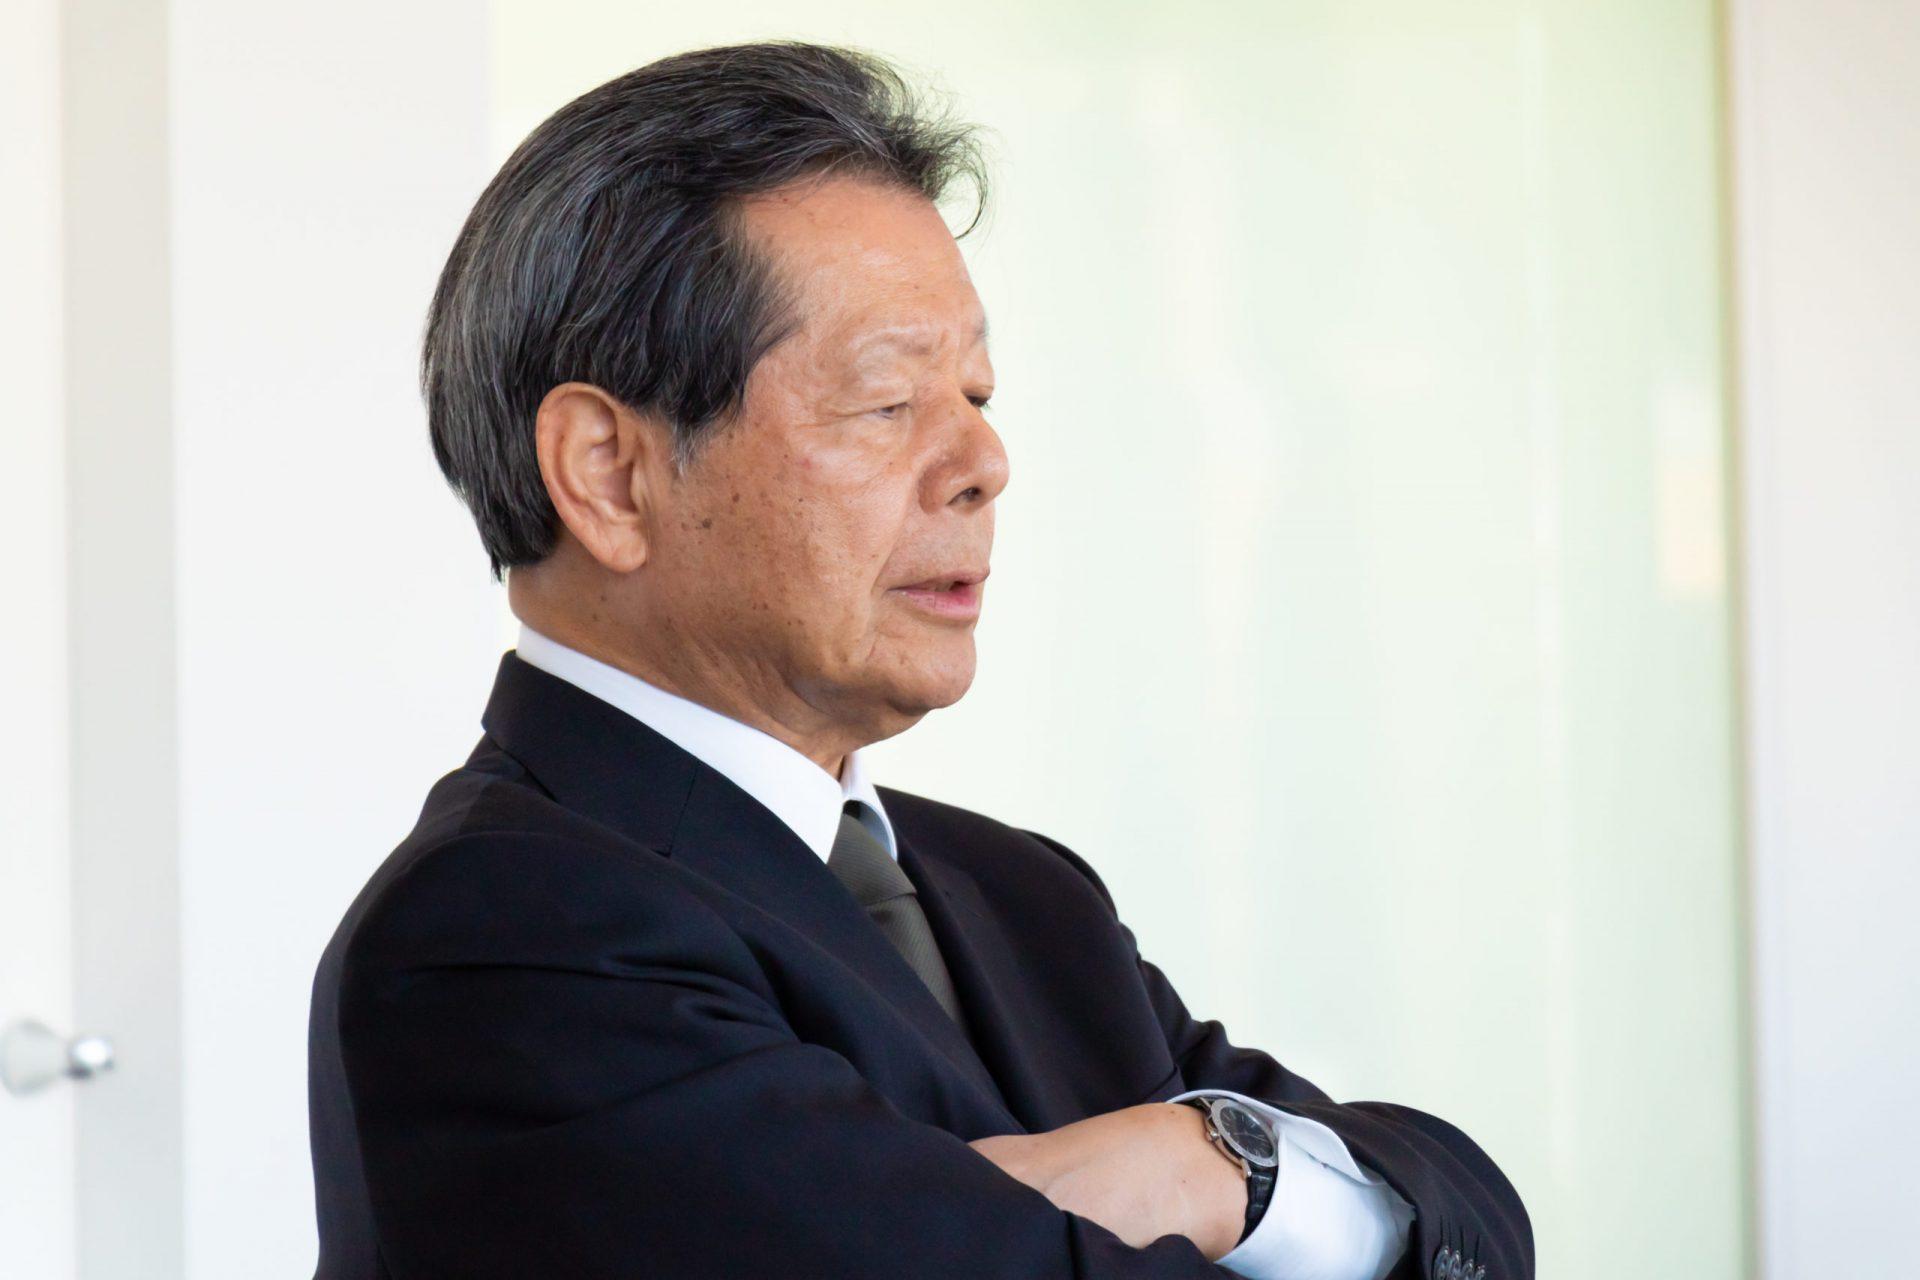 『危機の時代と日米中の軛』(6の1)「絶対安全神話」の軛に囚われた日本(船橋洋一編集顧問との対談)